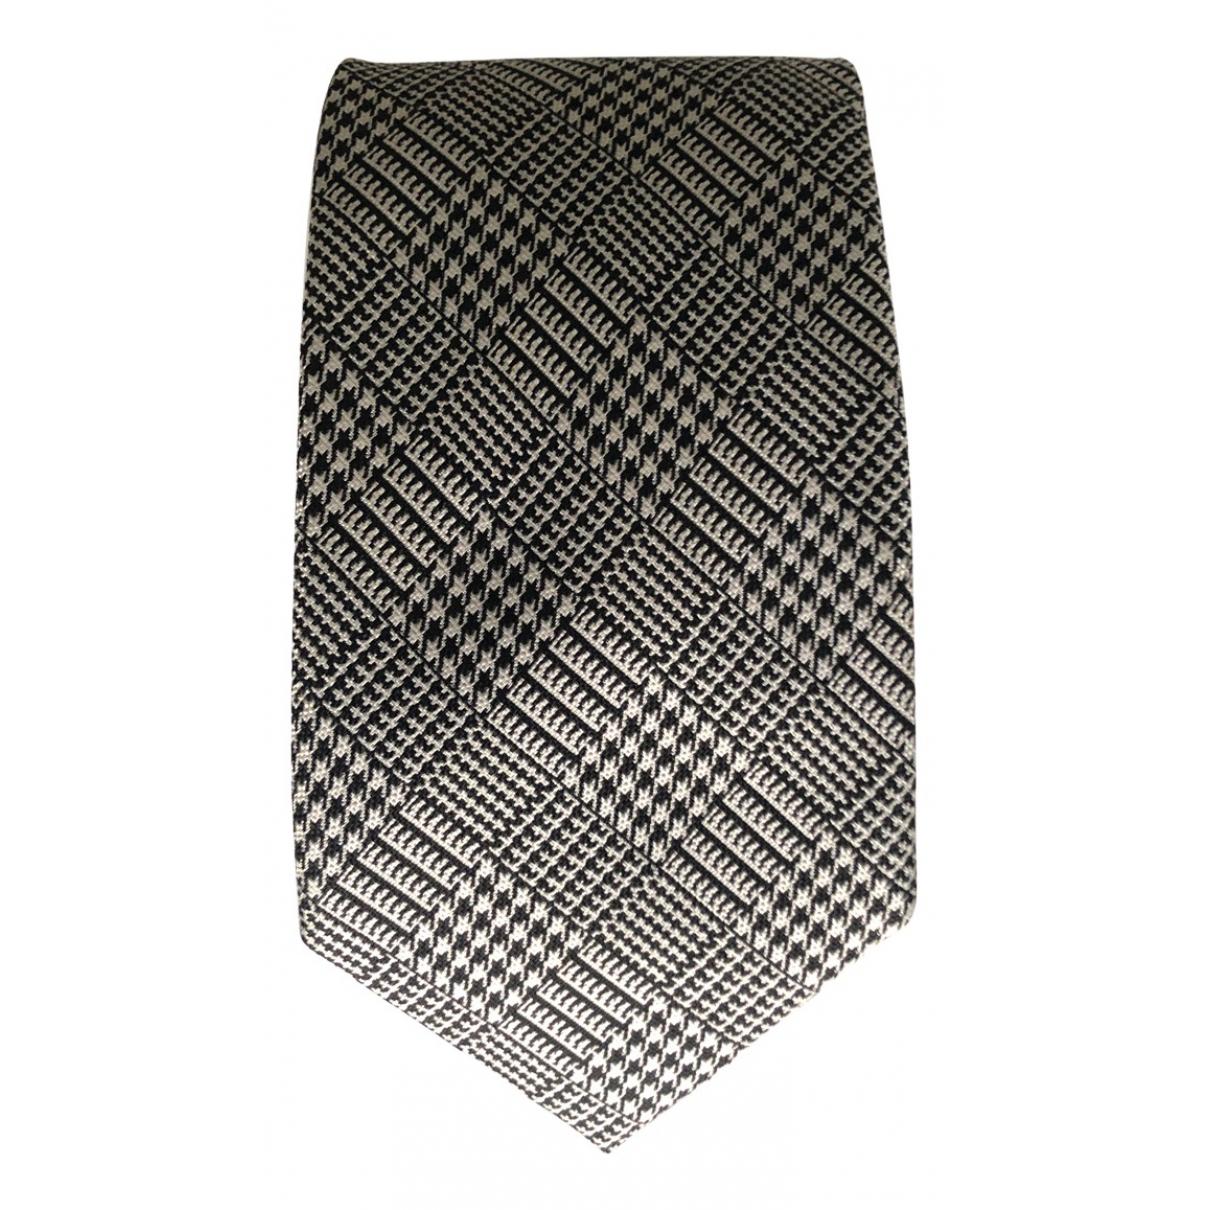 Corbata de Seda Tom Ford